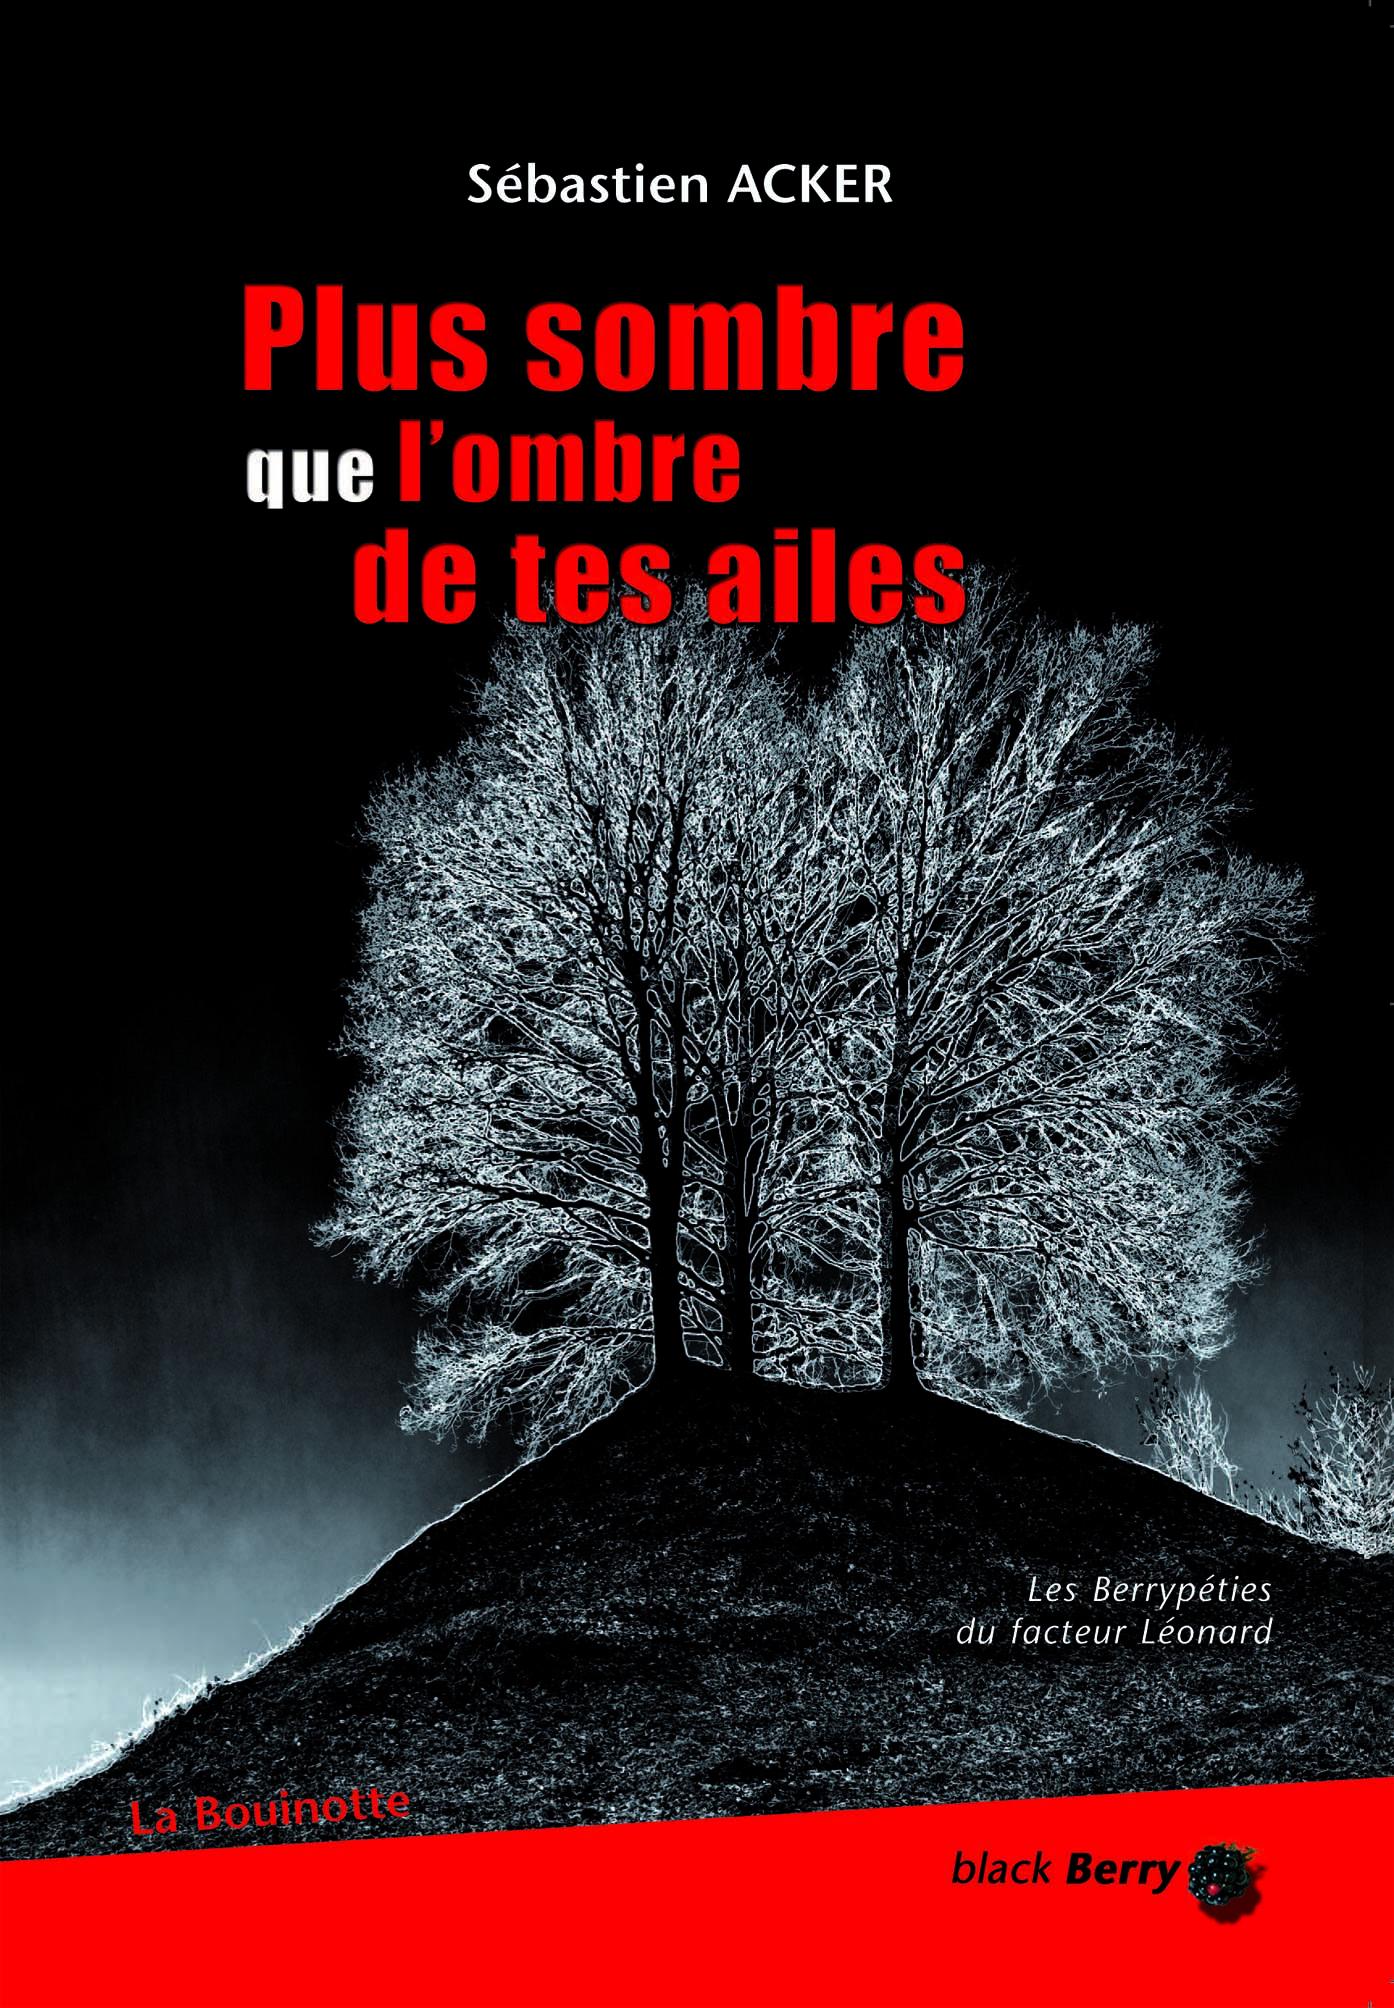 Plus sombre que l'ombre de tes ailes, Sébastien Acker (couverture)